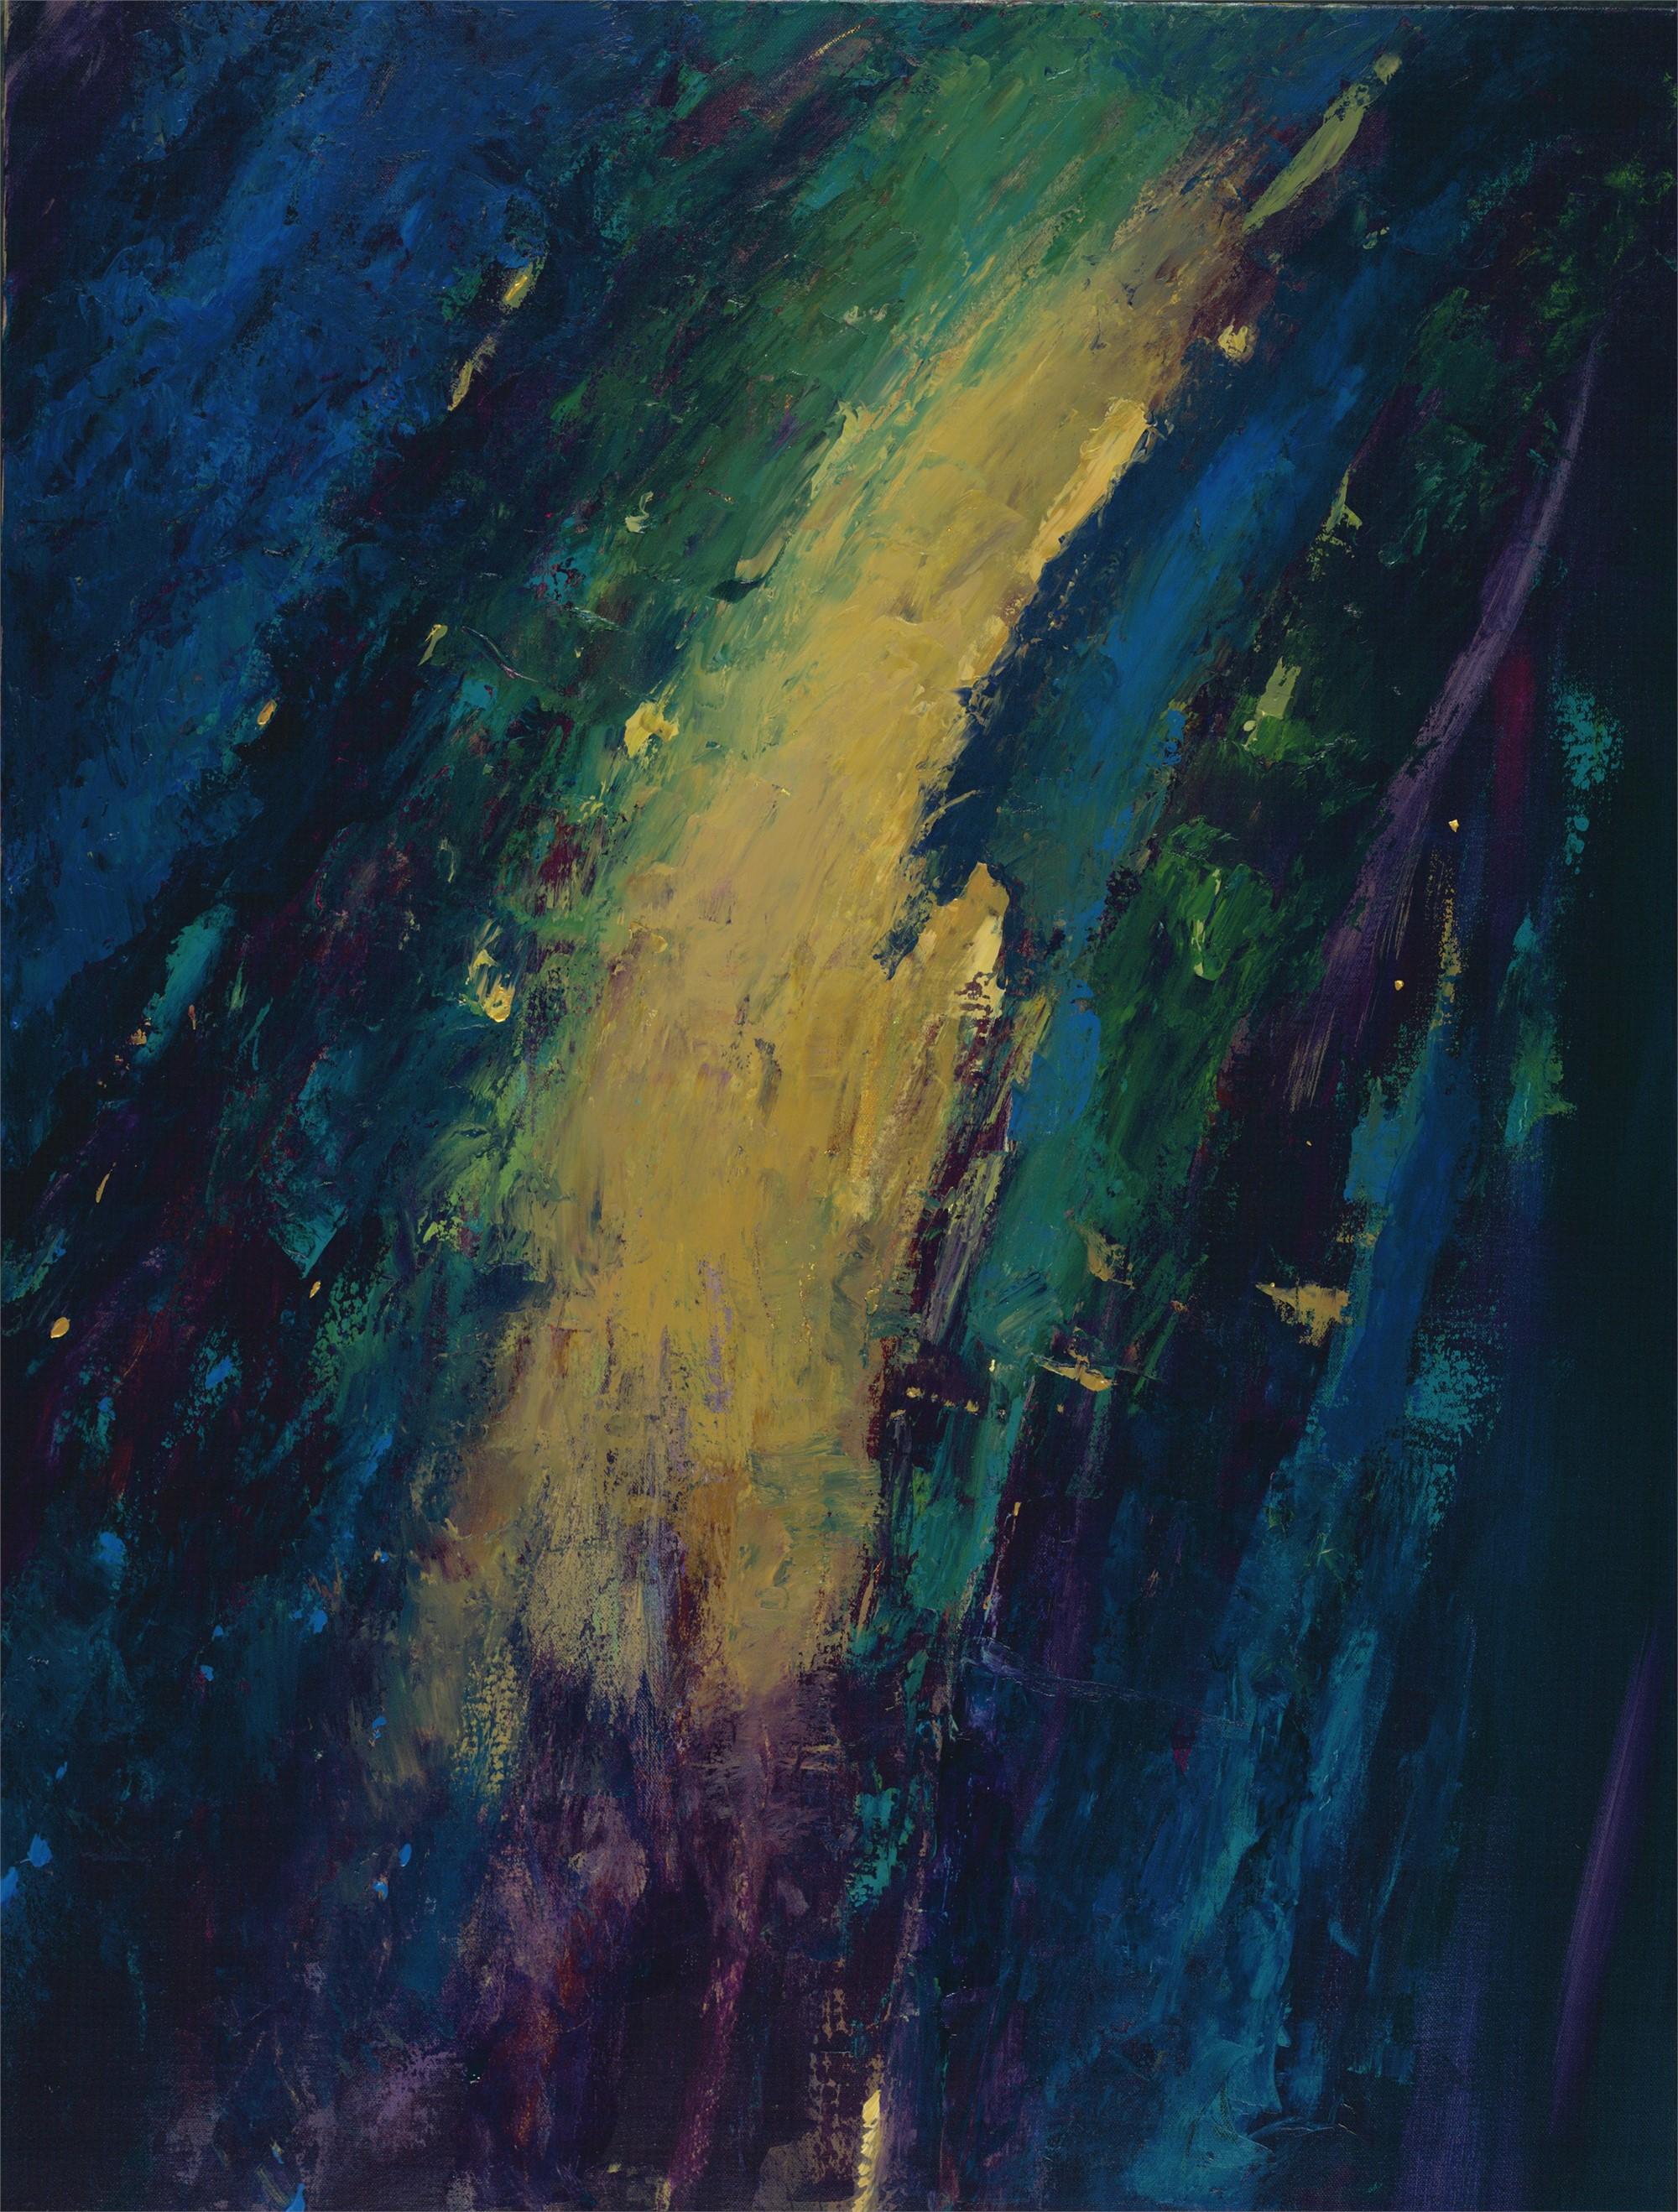 Golden Breath by Craig Freeman